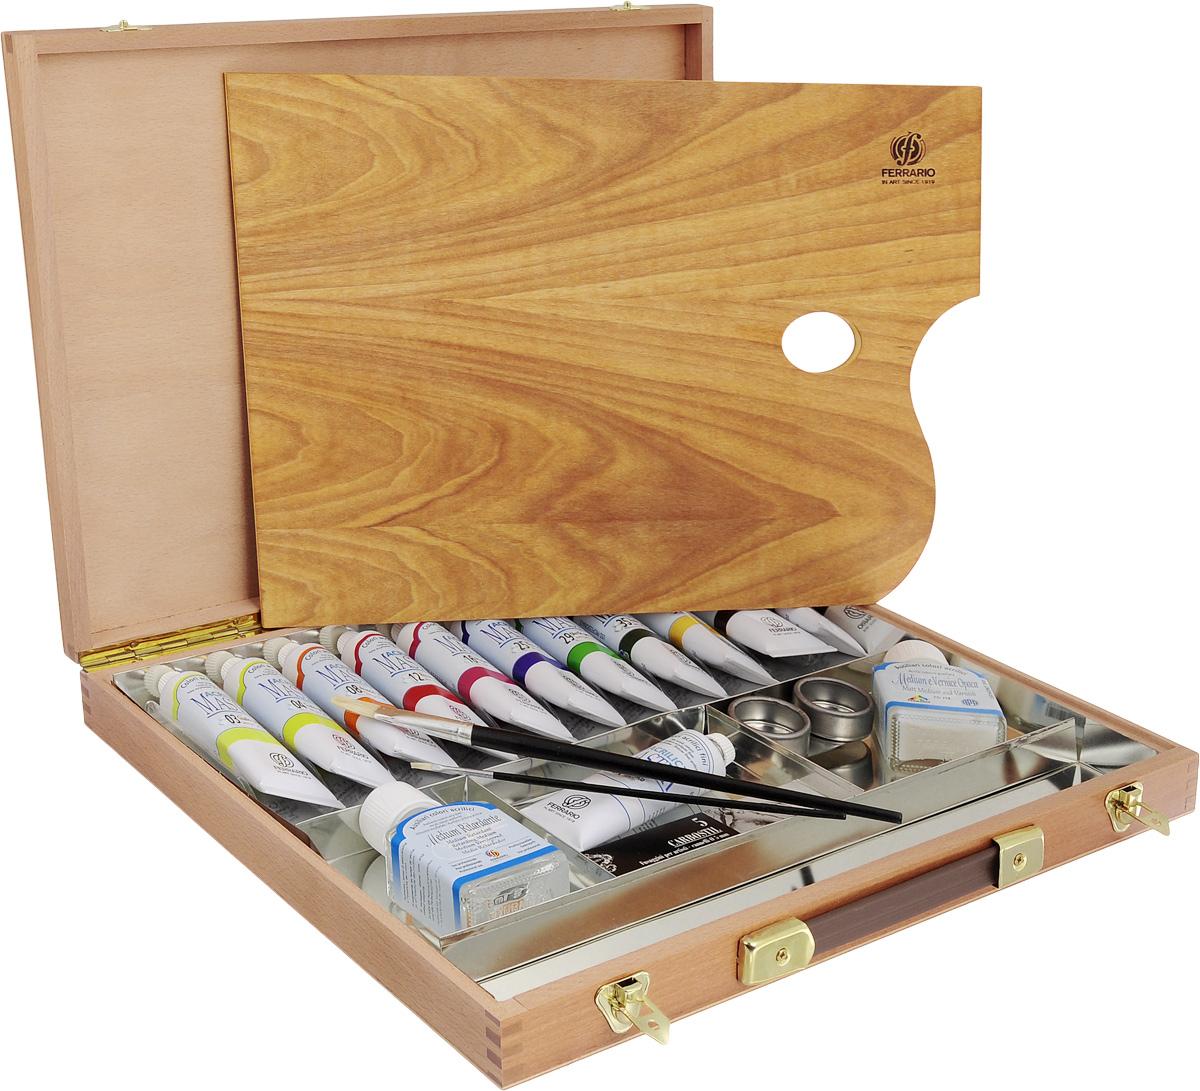 Набор акриловых красок Ferrario  Acrilic Master , в деревянном кейсе, 19 предметов -  Краски